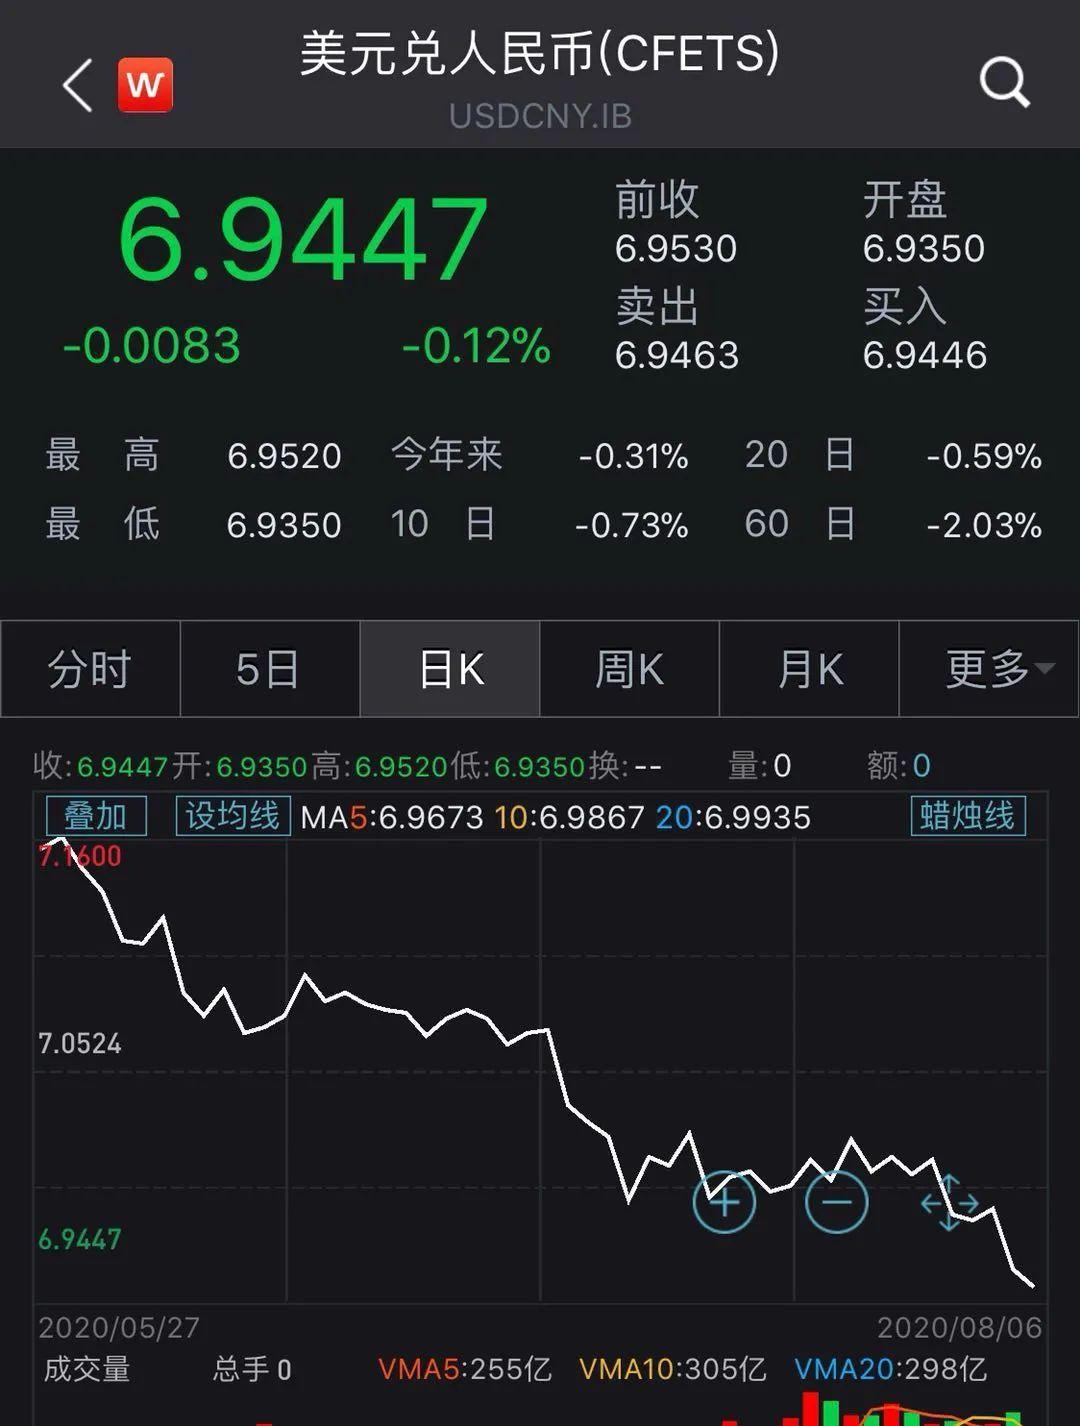 """人民币对美元又涨了,真是""""内贬外升""""?关键还在美元指数猛回调,流动盛宴利好新兴市场"""